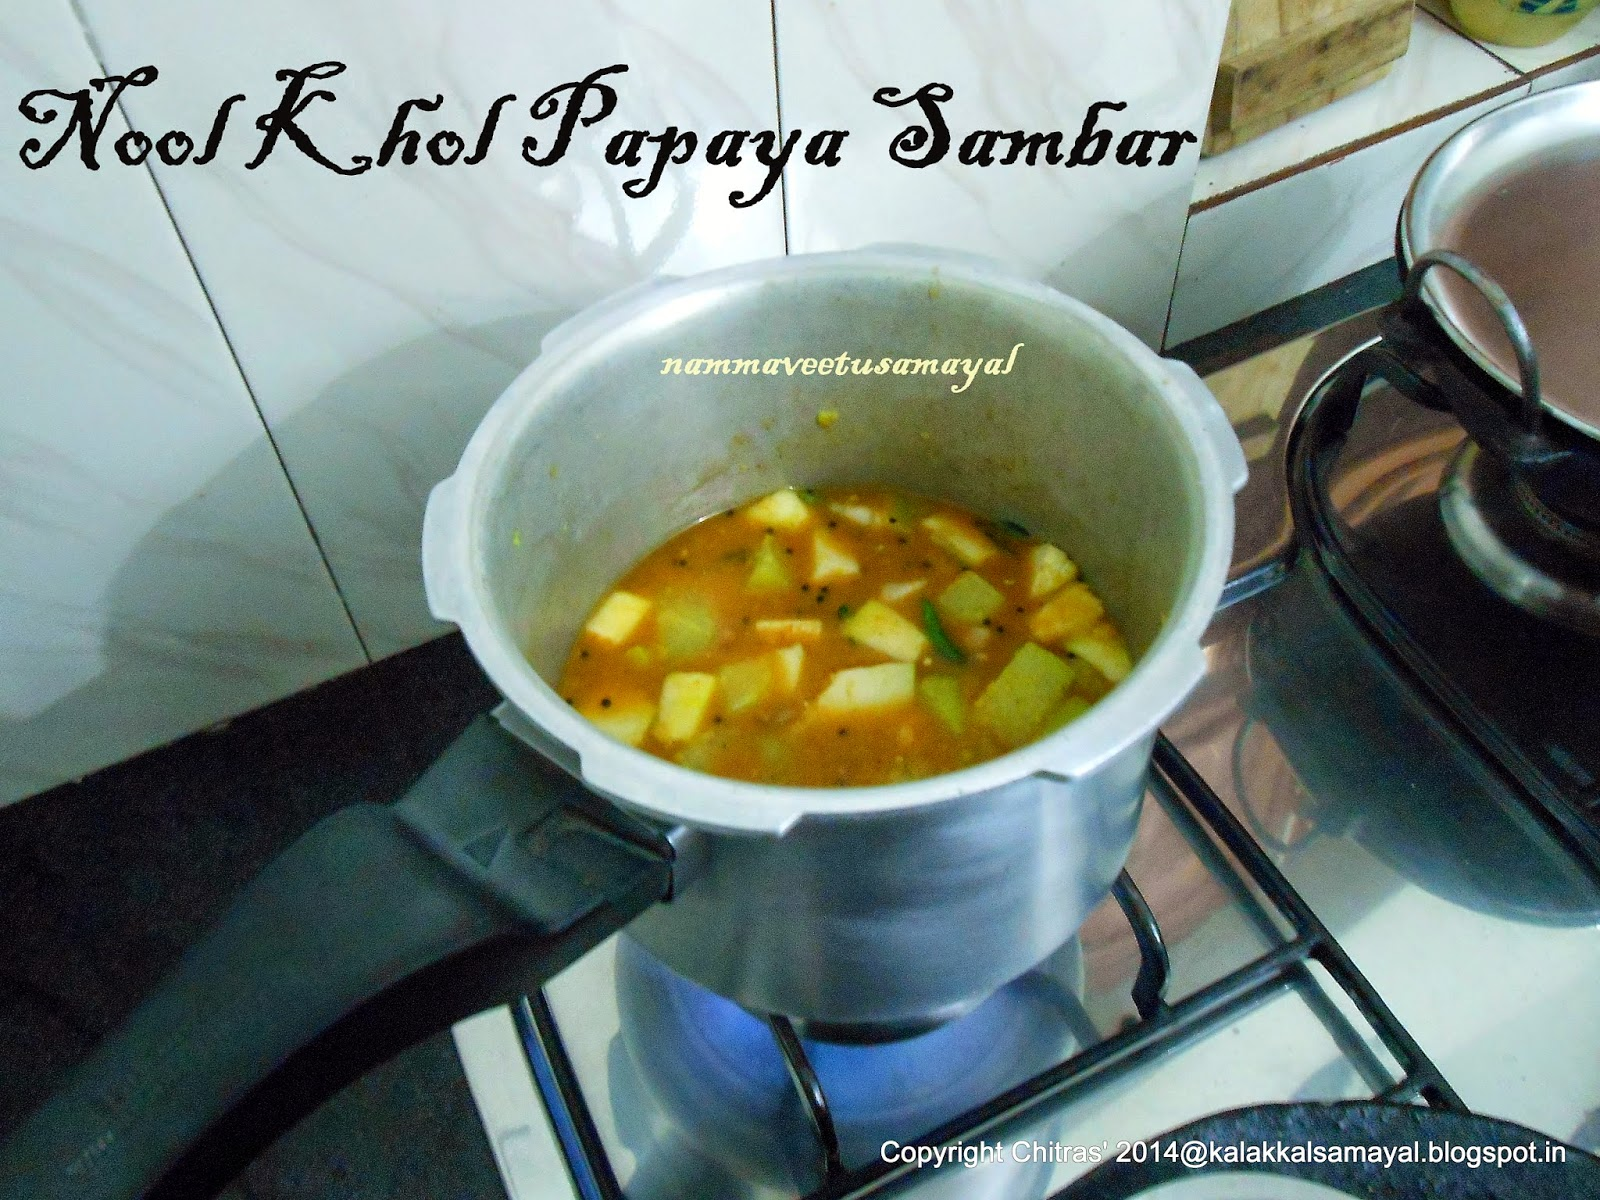 Noolkhol Papaya Sambar